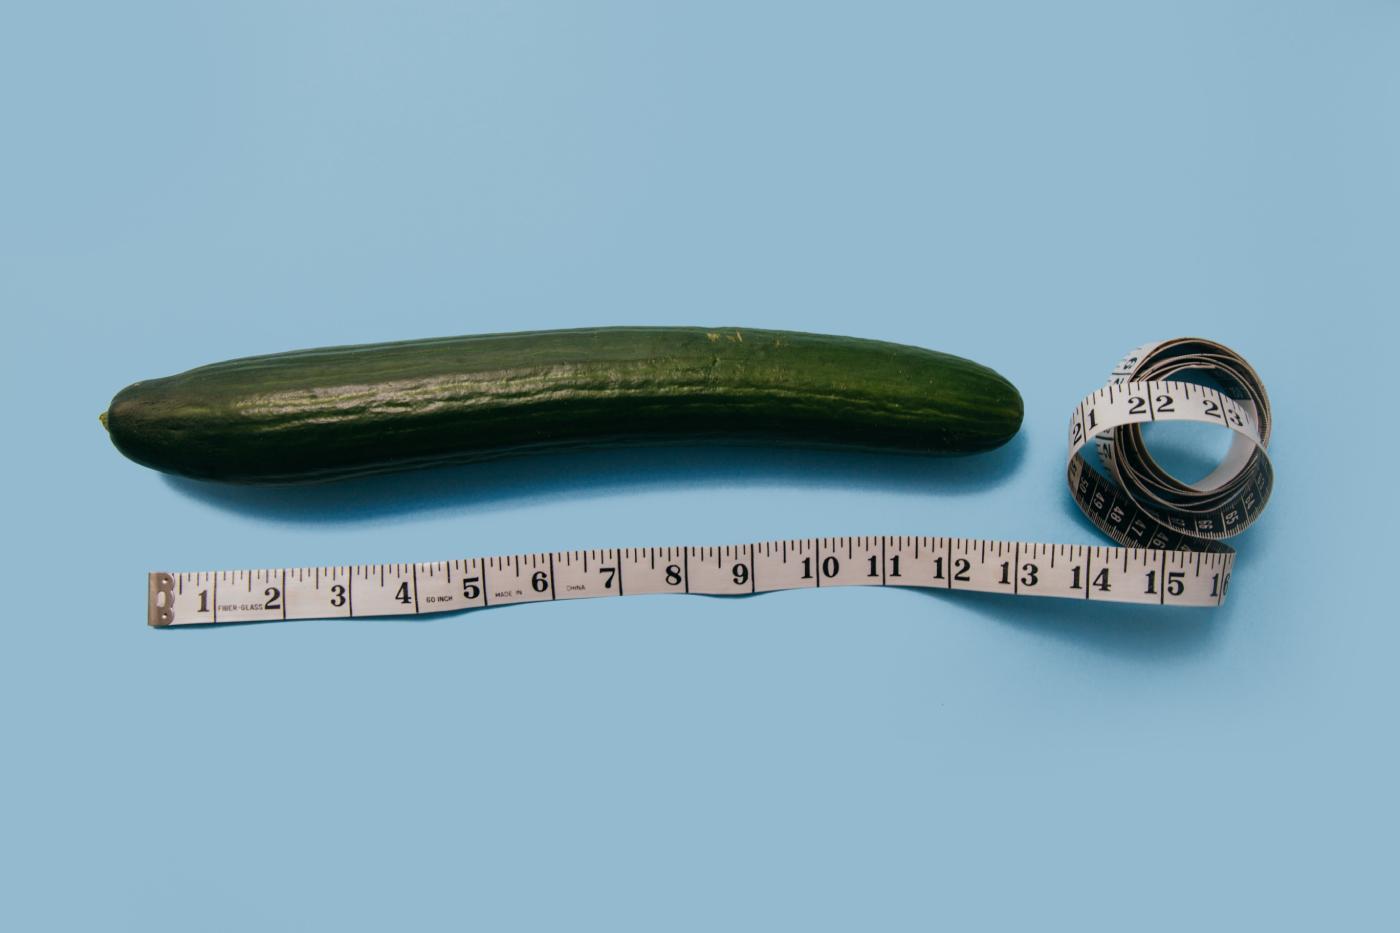 kemény pénisz erekció hánykor ér véget az erekció